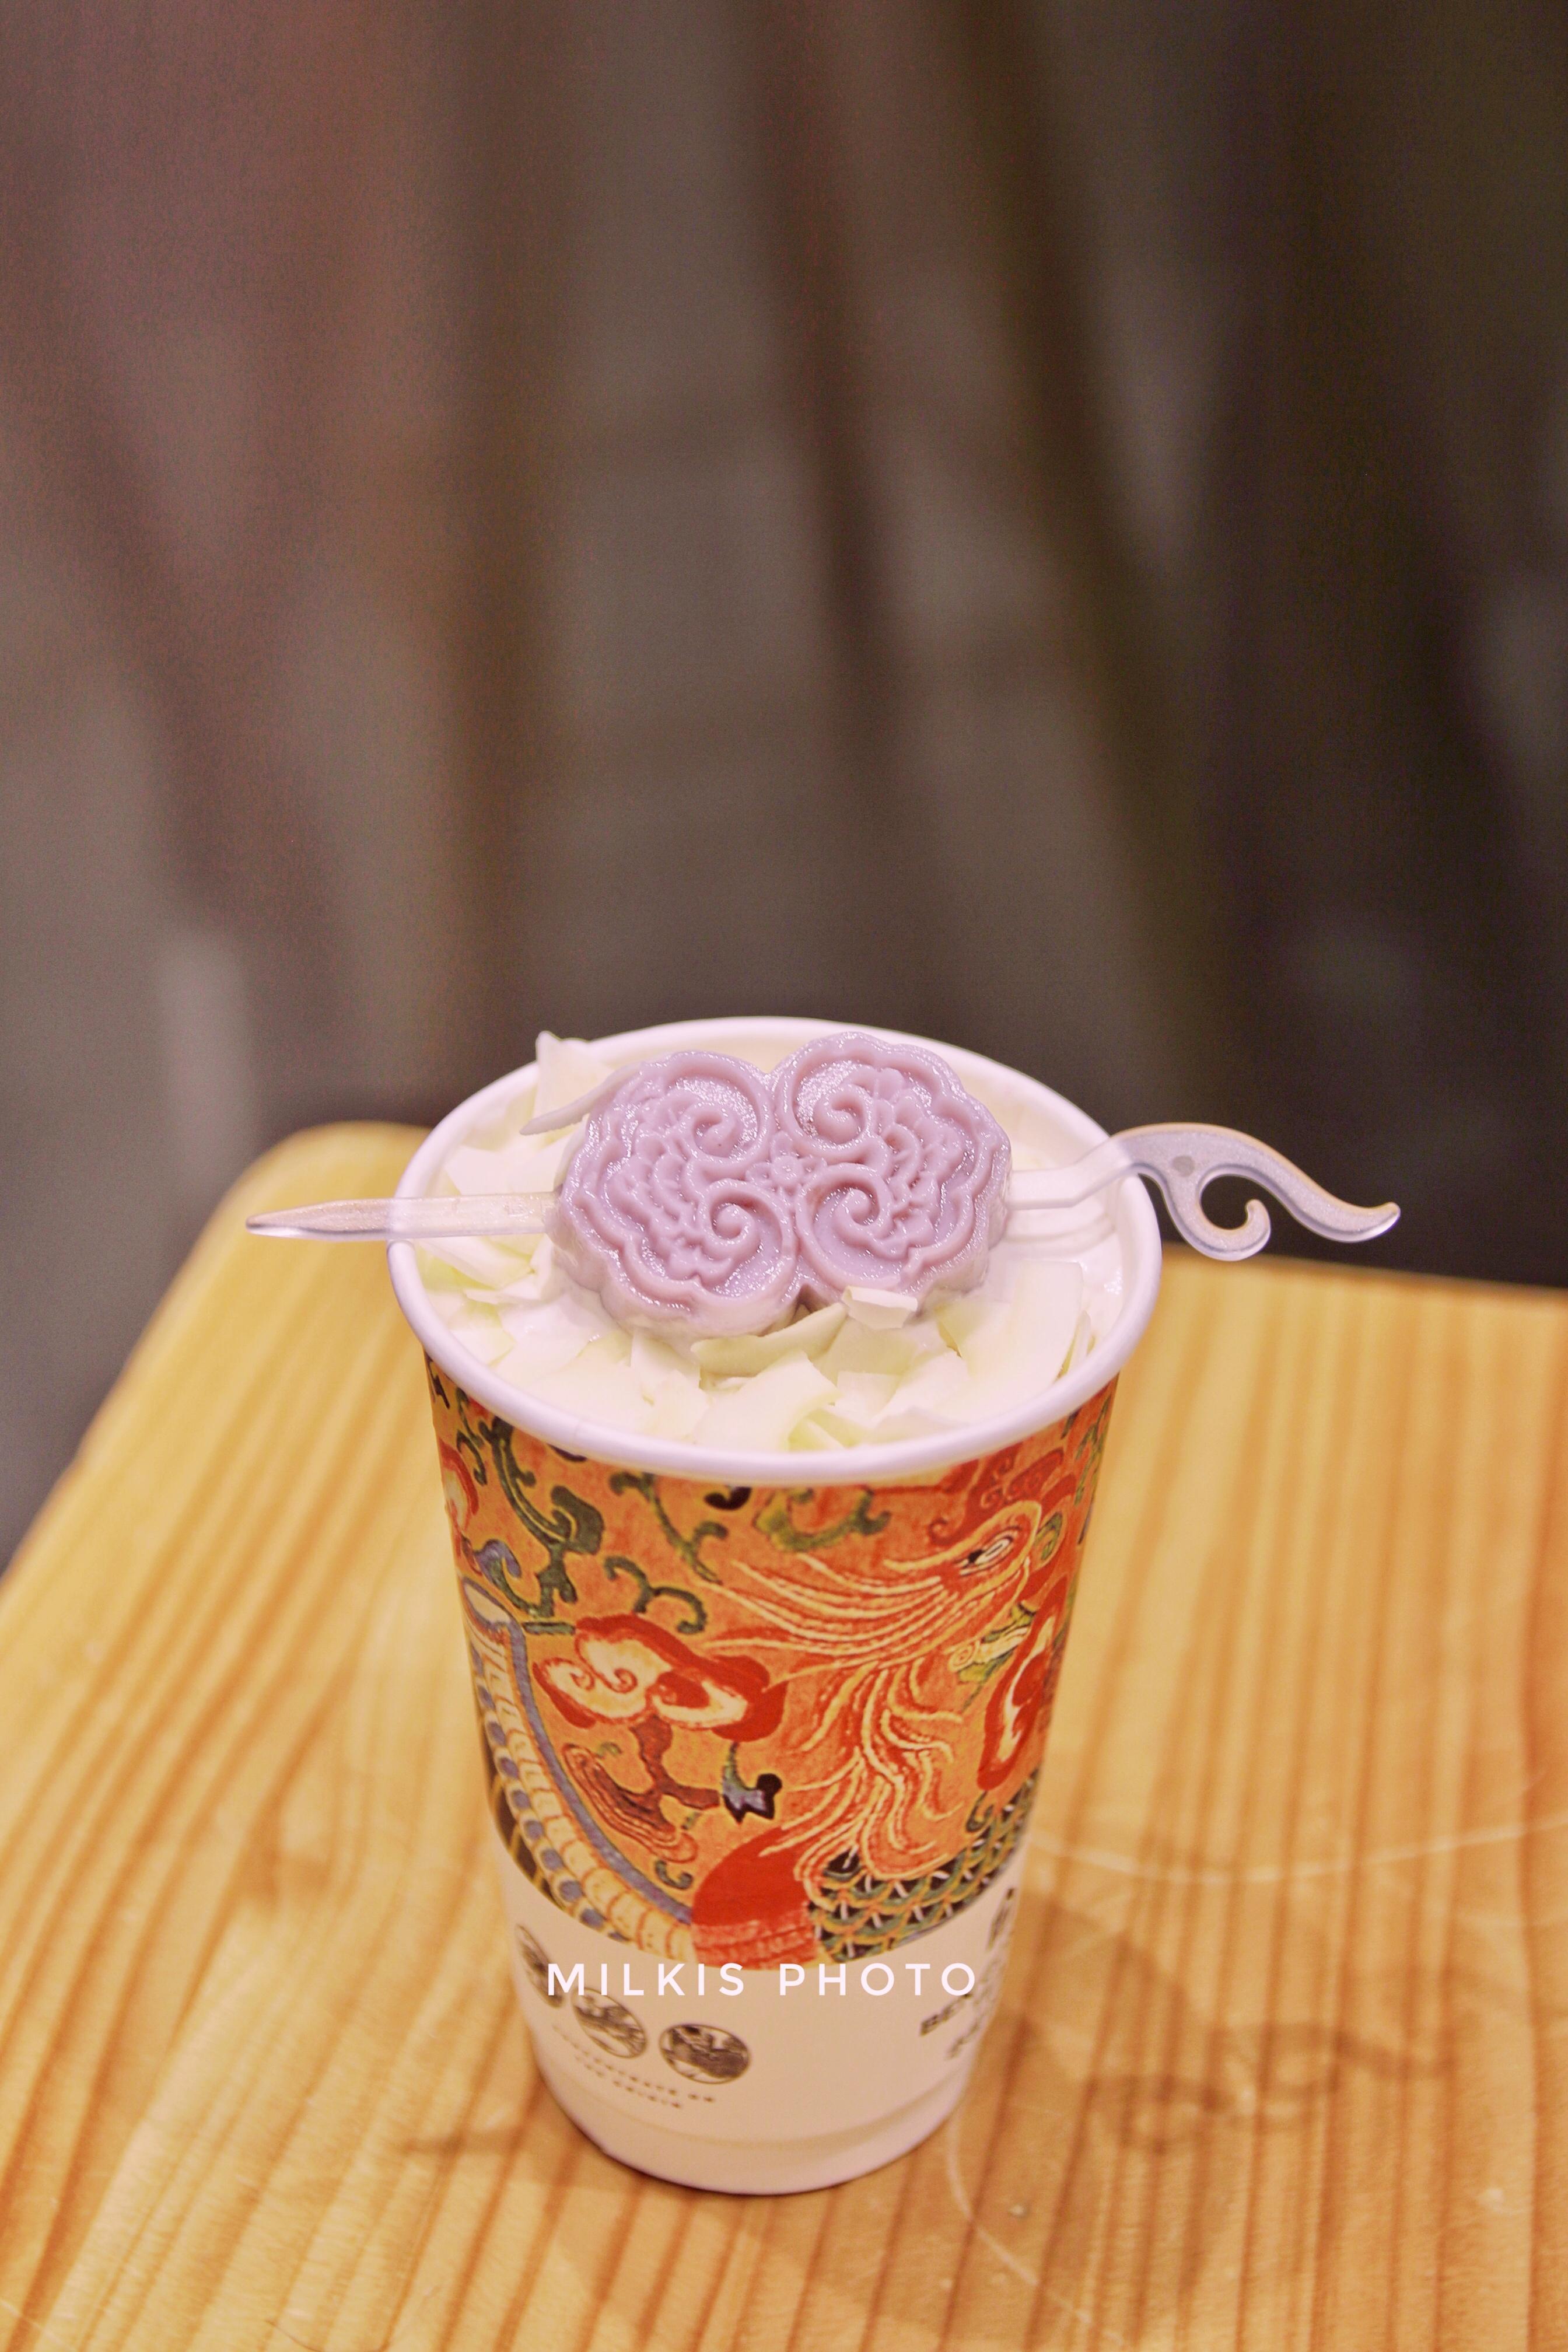 最国潮的龙纹奶茶,愿你的新年如意吉祥